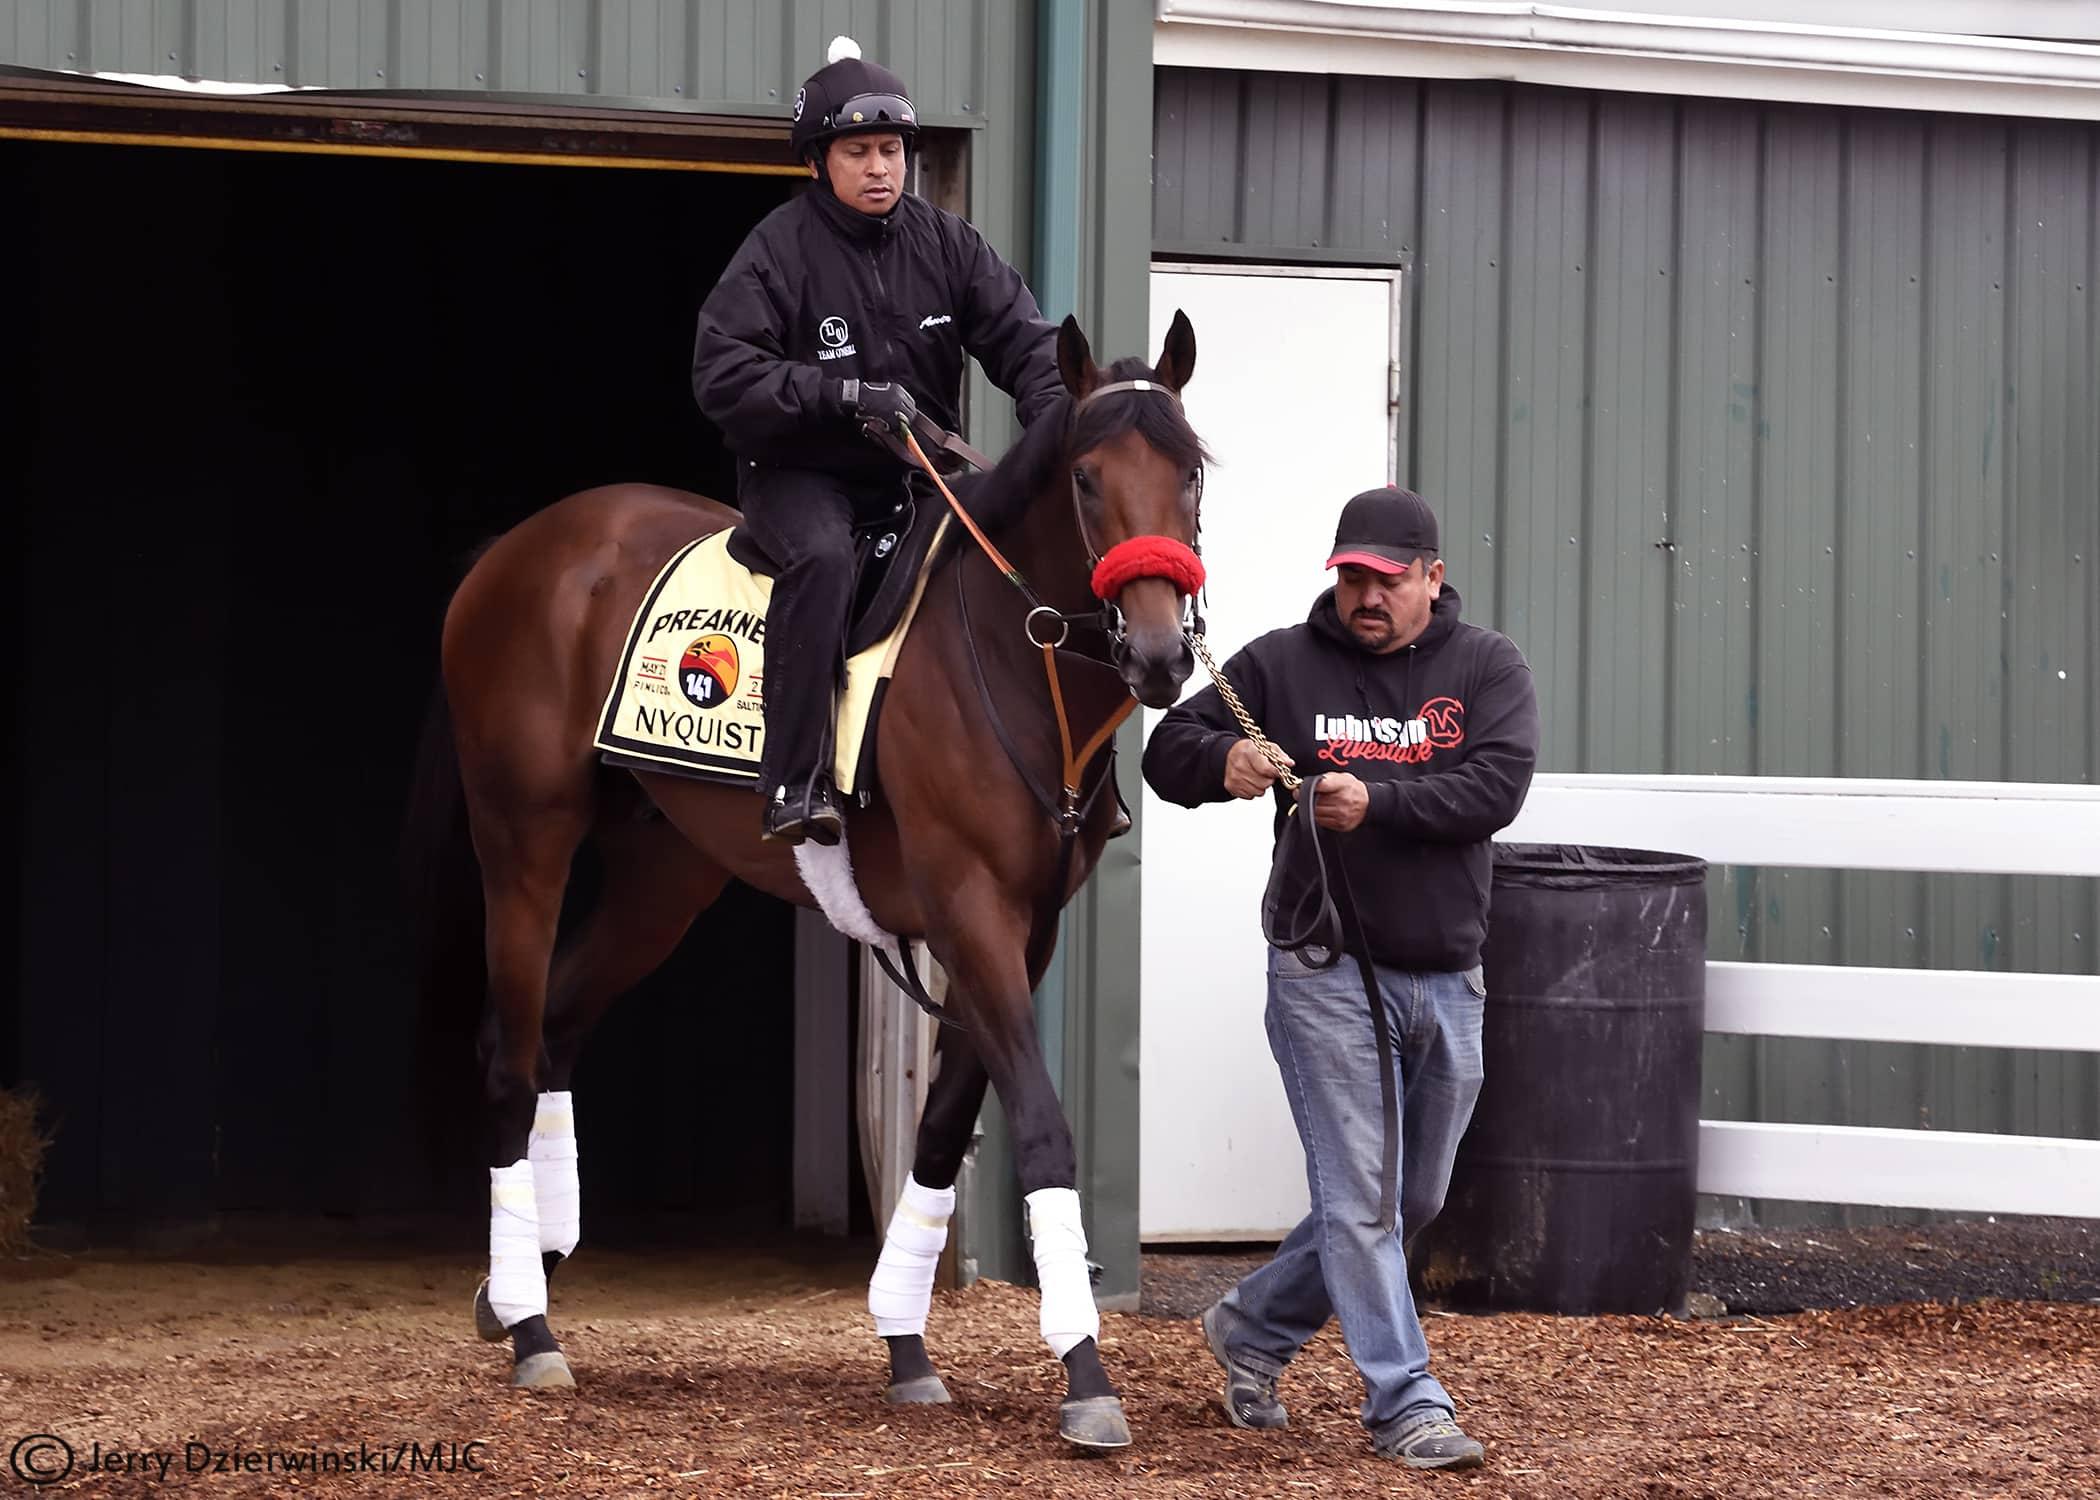 nyquist5-11- Photo Credit: Jerry Dzierwinski/Maryland Jockey Club